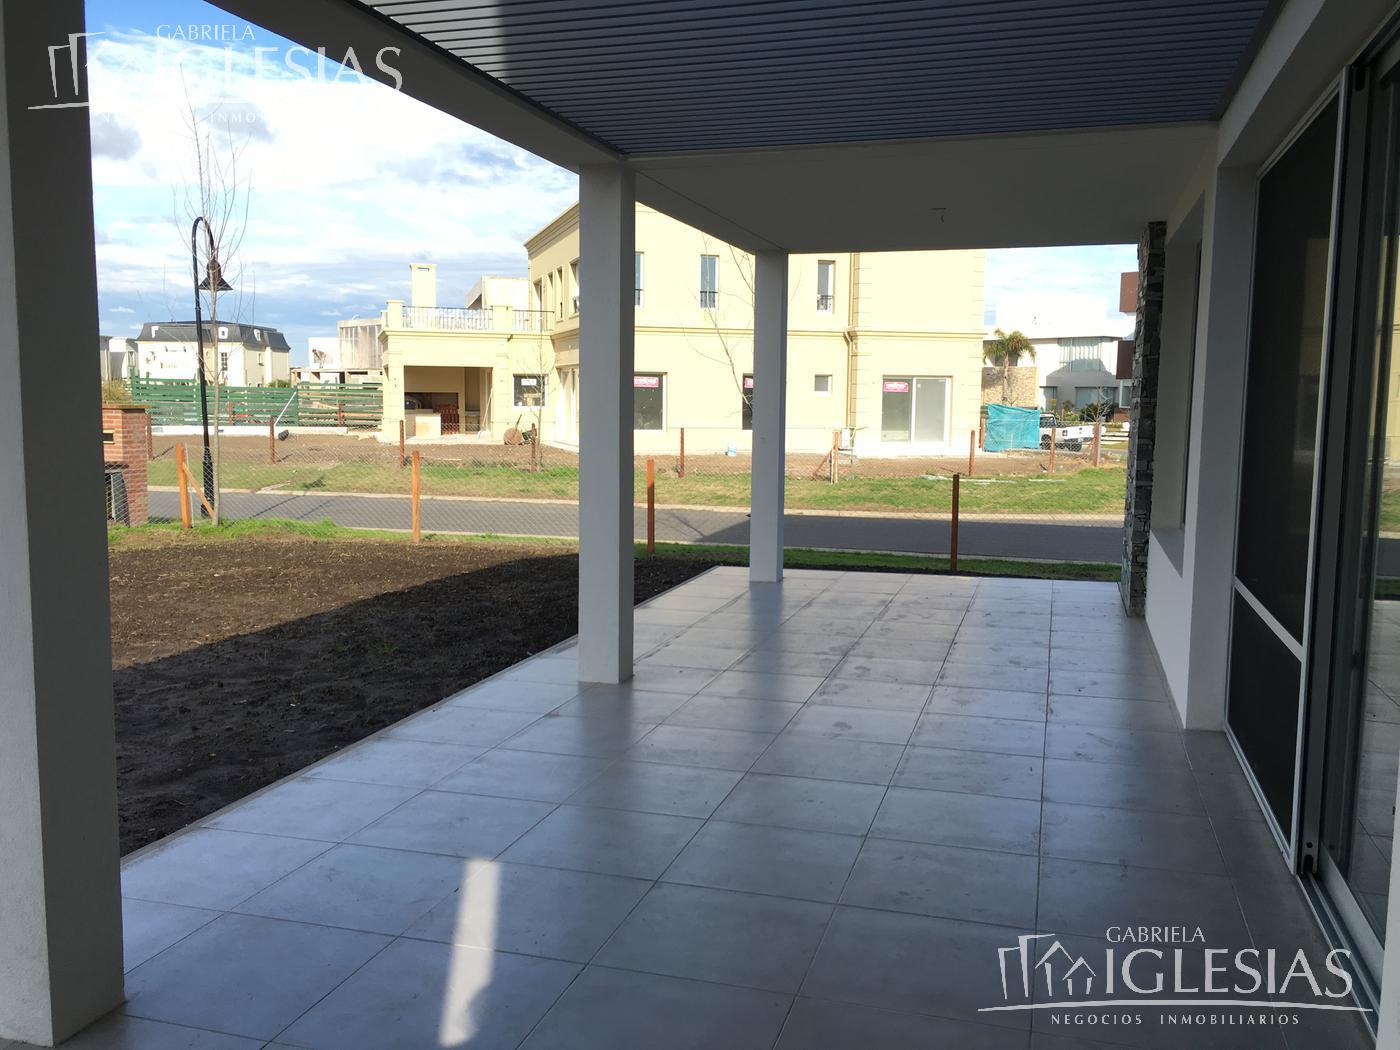 Casa en Venta en Los Lagos a Venta - u$s 430.000